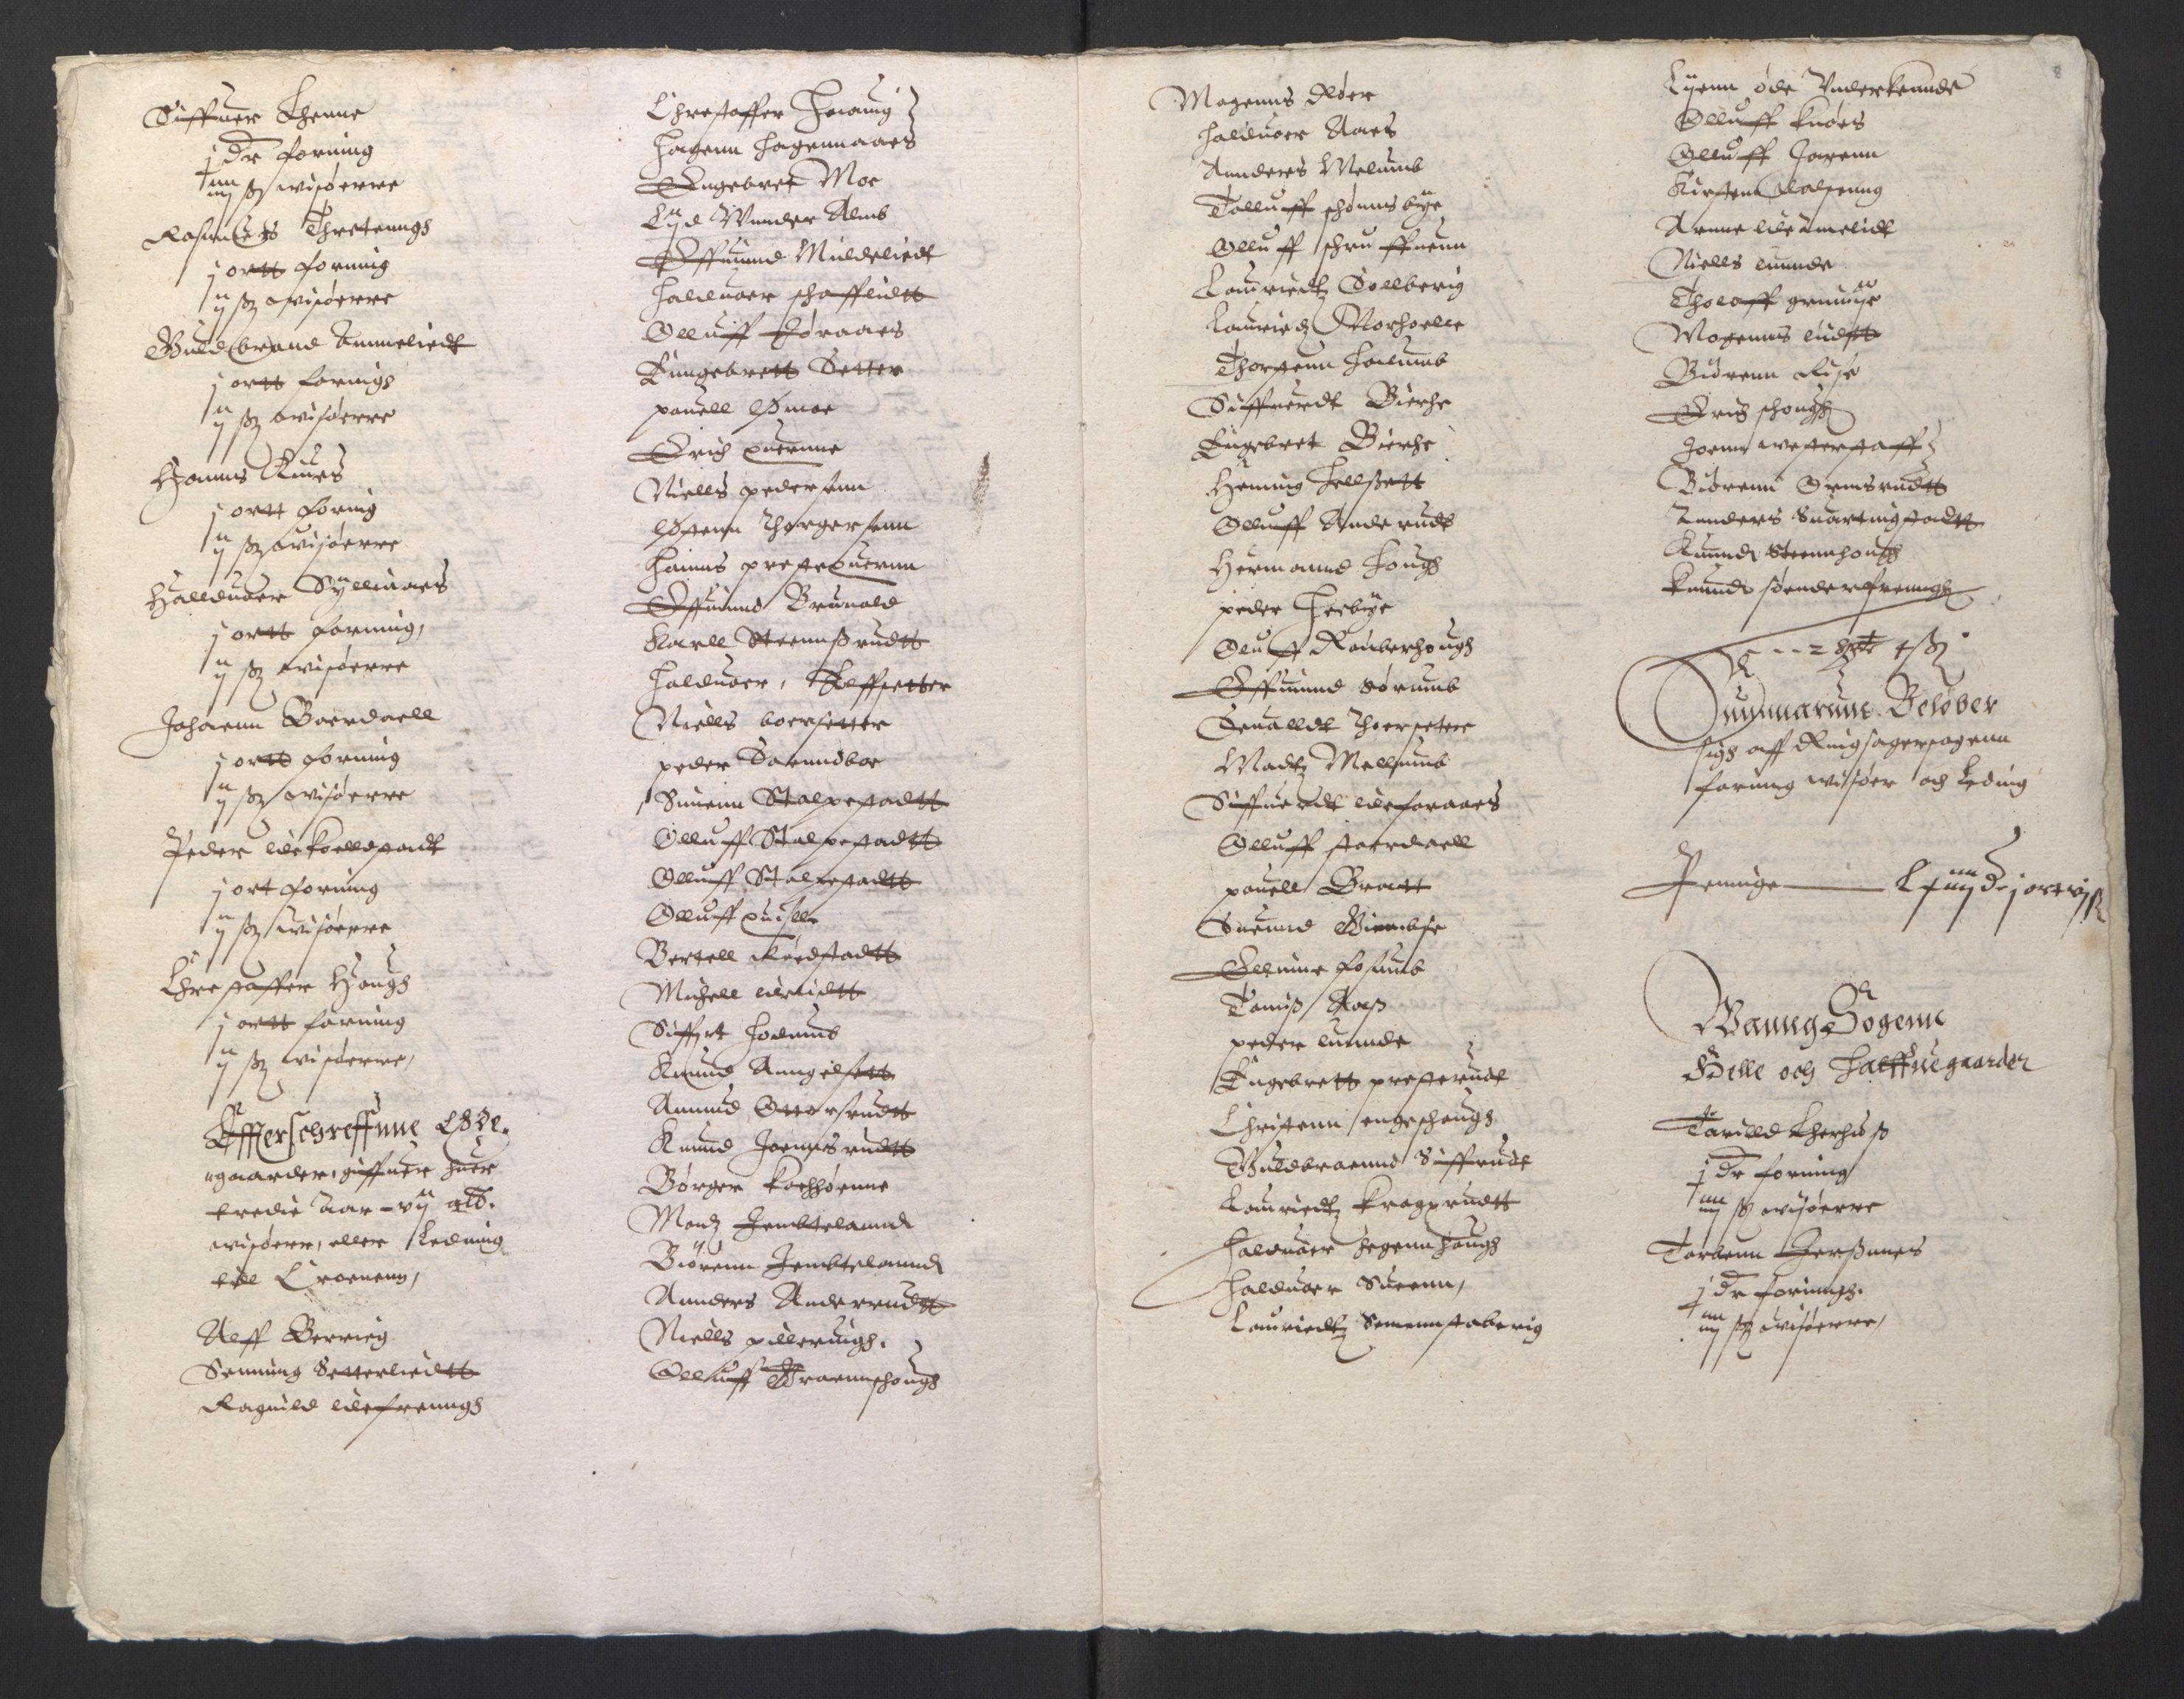 RA, Stattholderembetet 1572-1771, Ek/L0001: Jordebøker før 1624 og til utligning av garnisonsskatt 1624-1626:, 1624-1625, s. 49